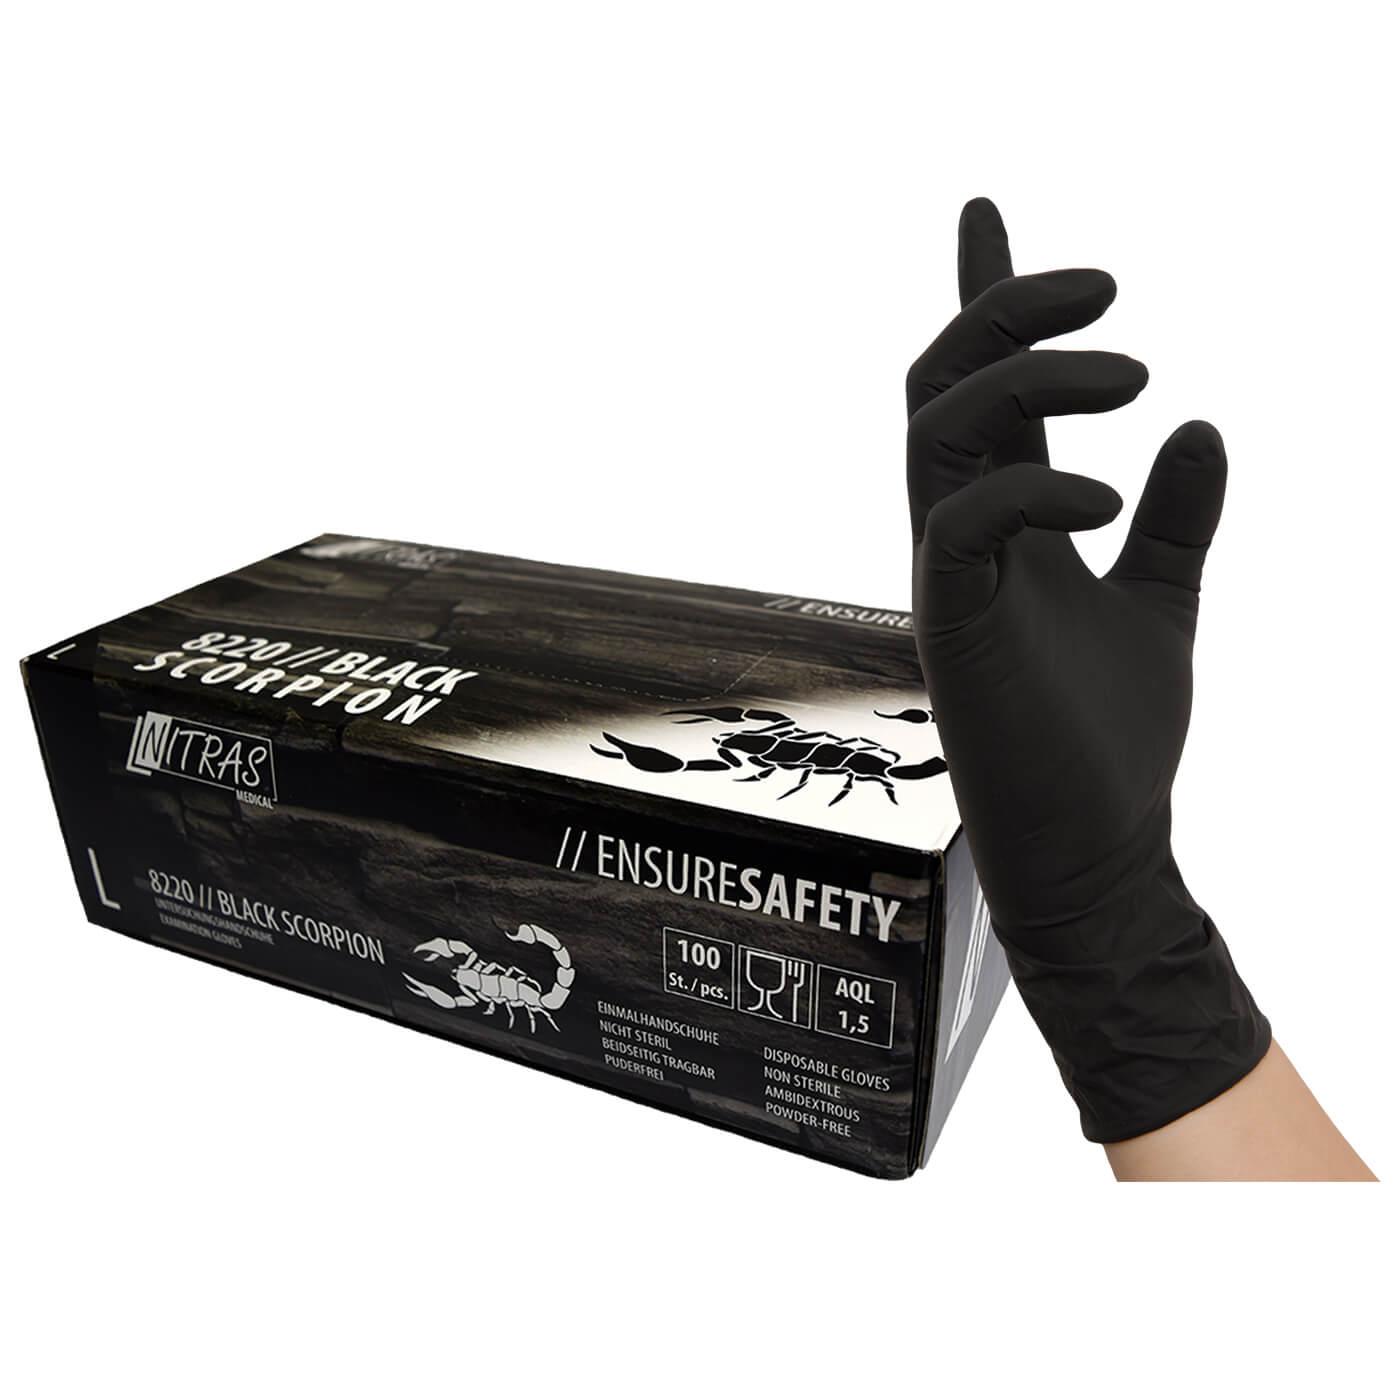 Rękawice jednorazowe Nitras 8220/ BLACK SCORPION